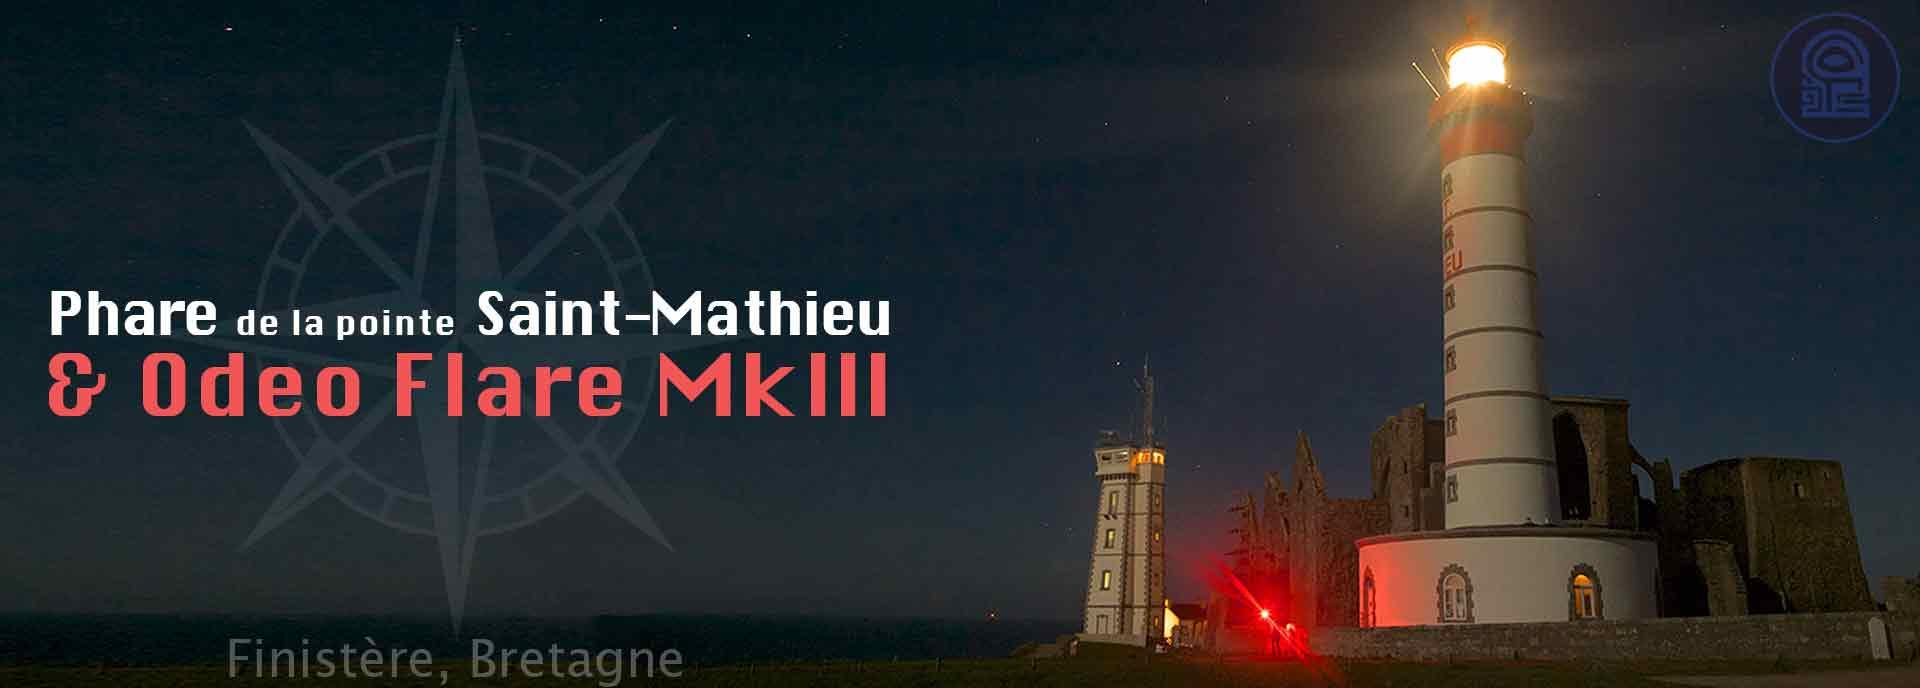 Odeo Flare signal de détresse LED au Phare de la Pointe saint-Mathieu Bretagne